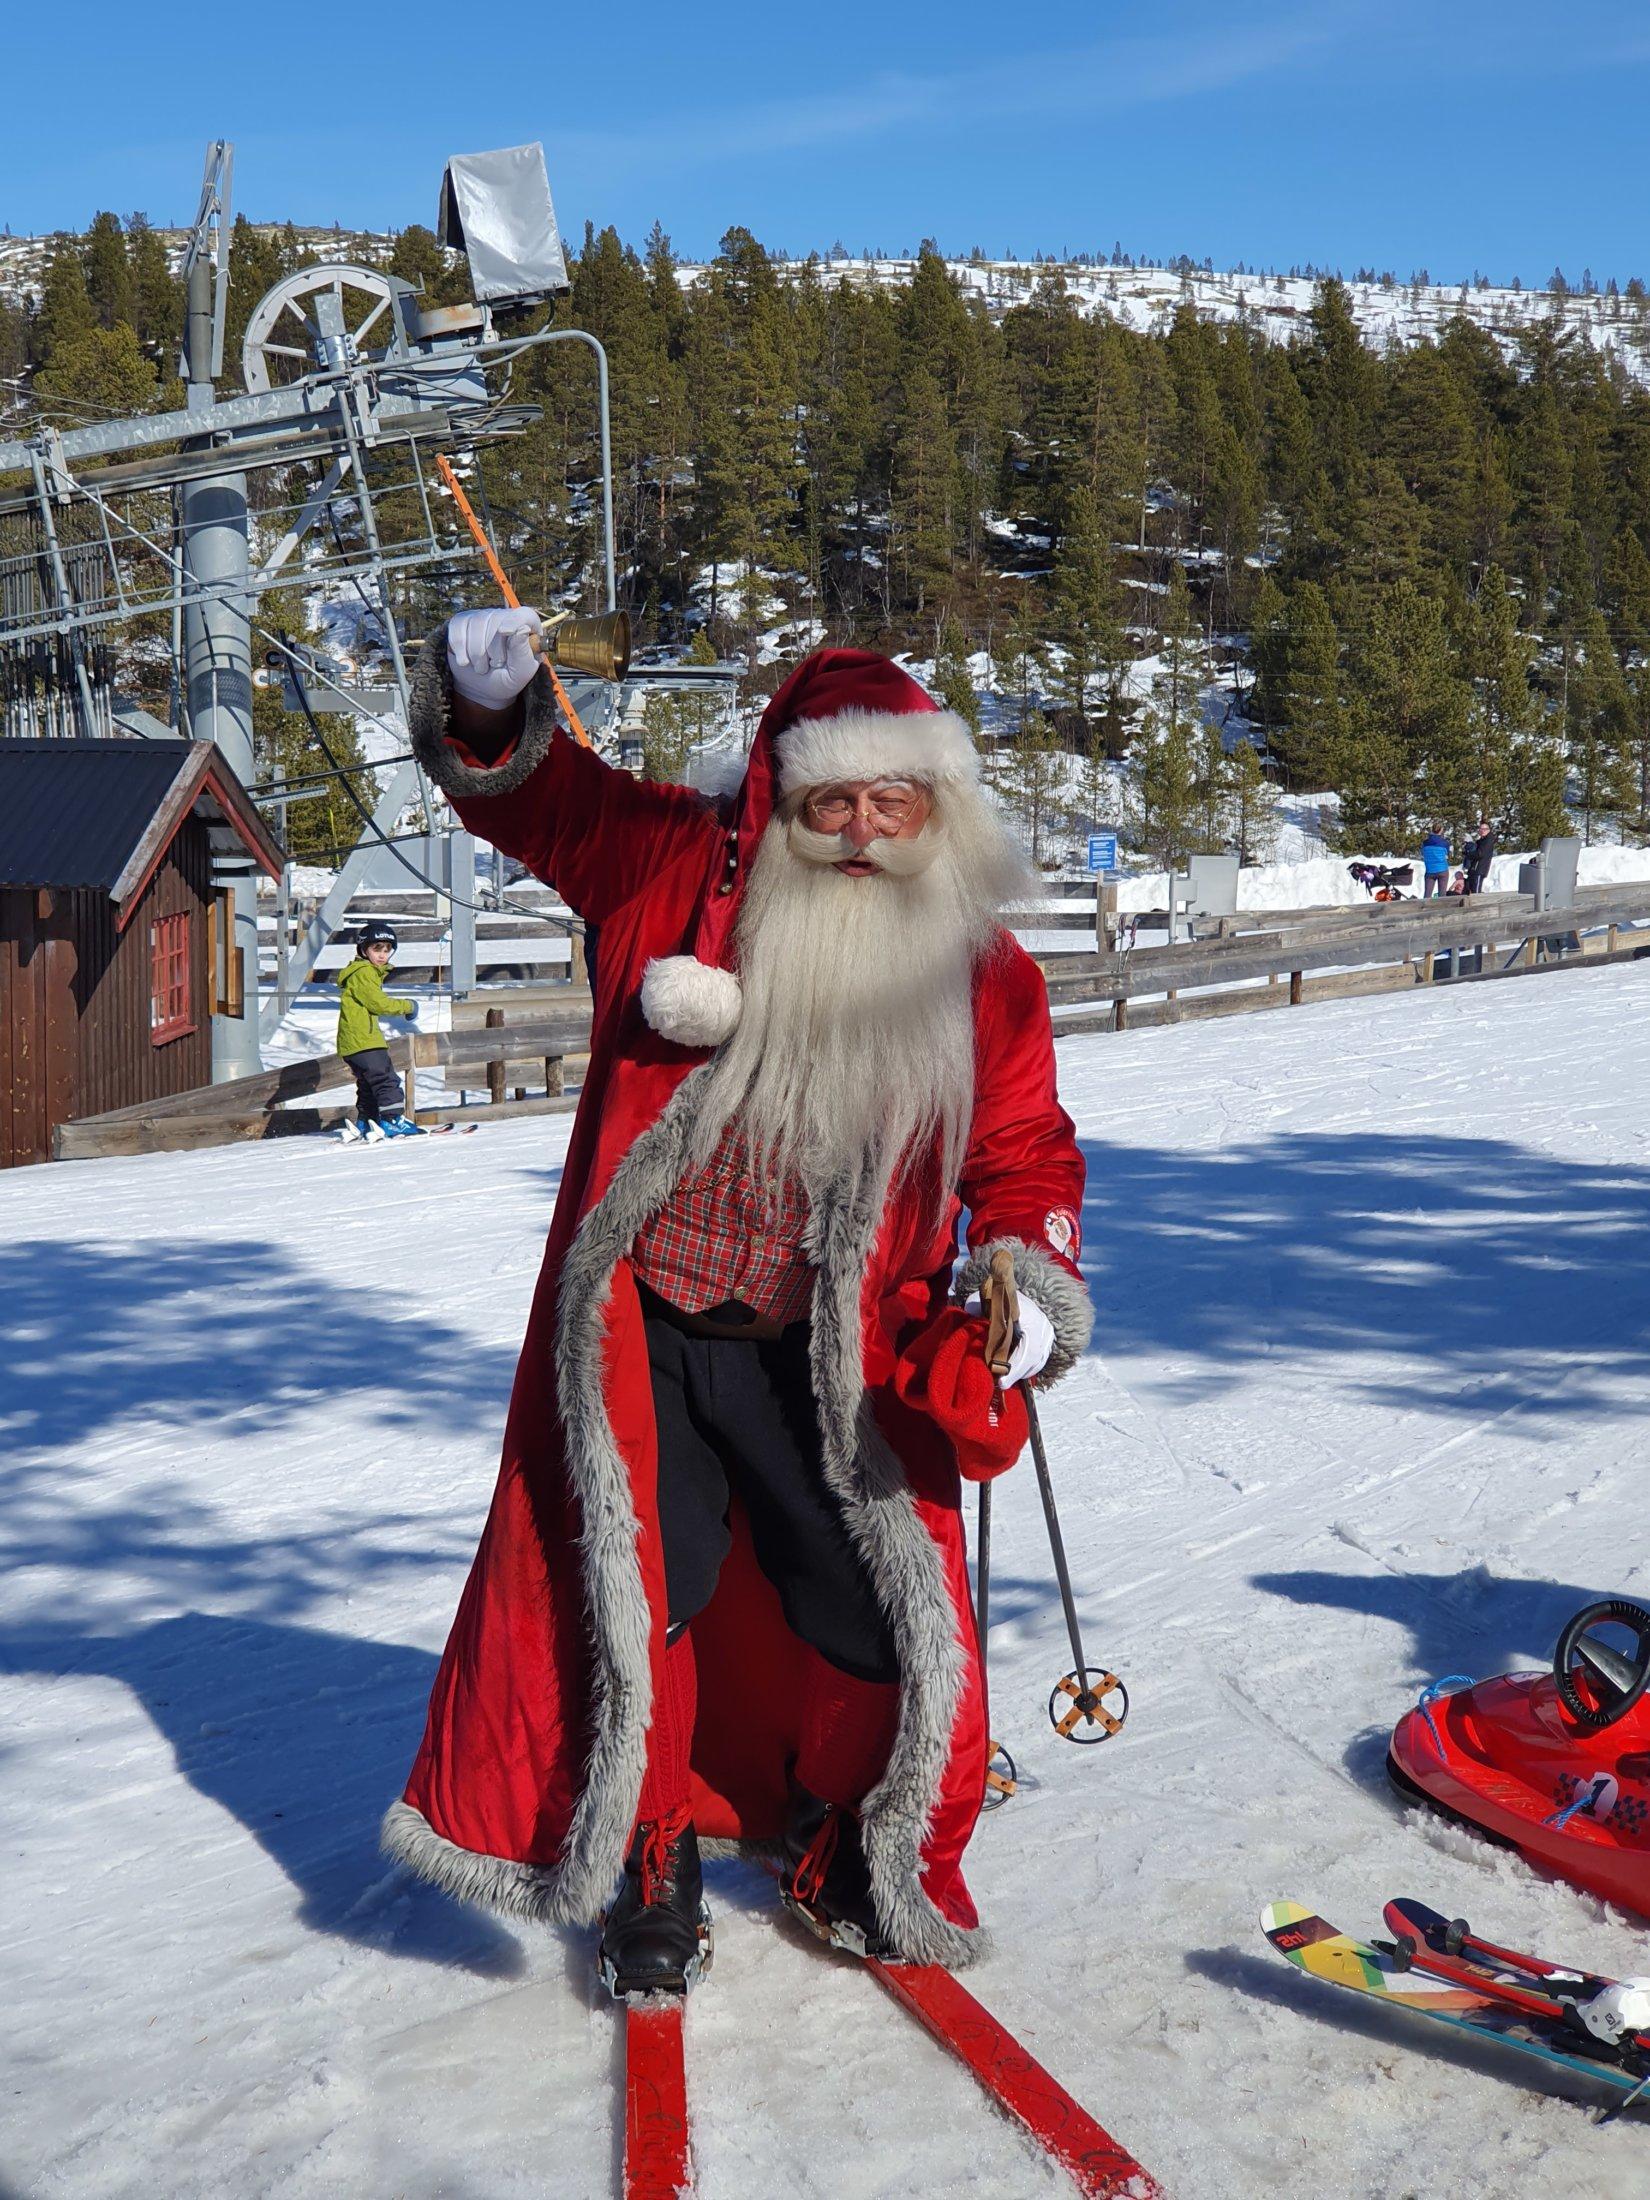 Julenissen på ski